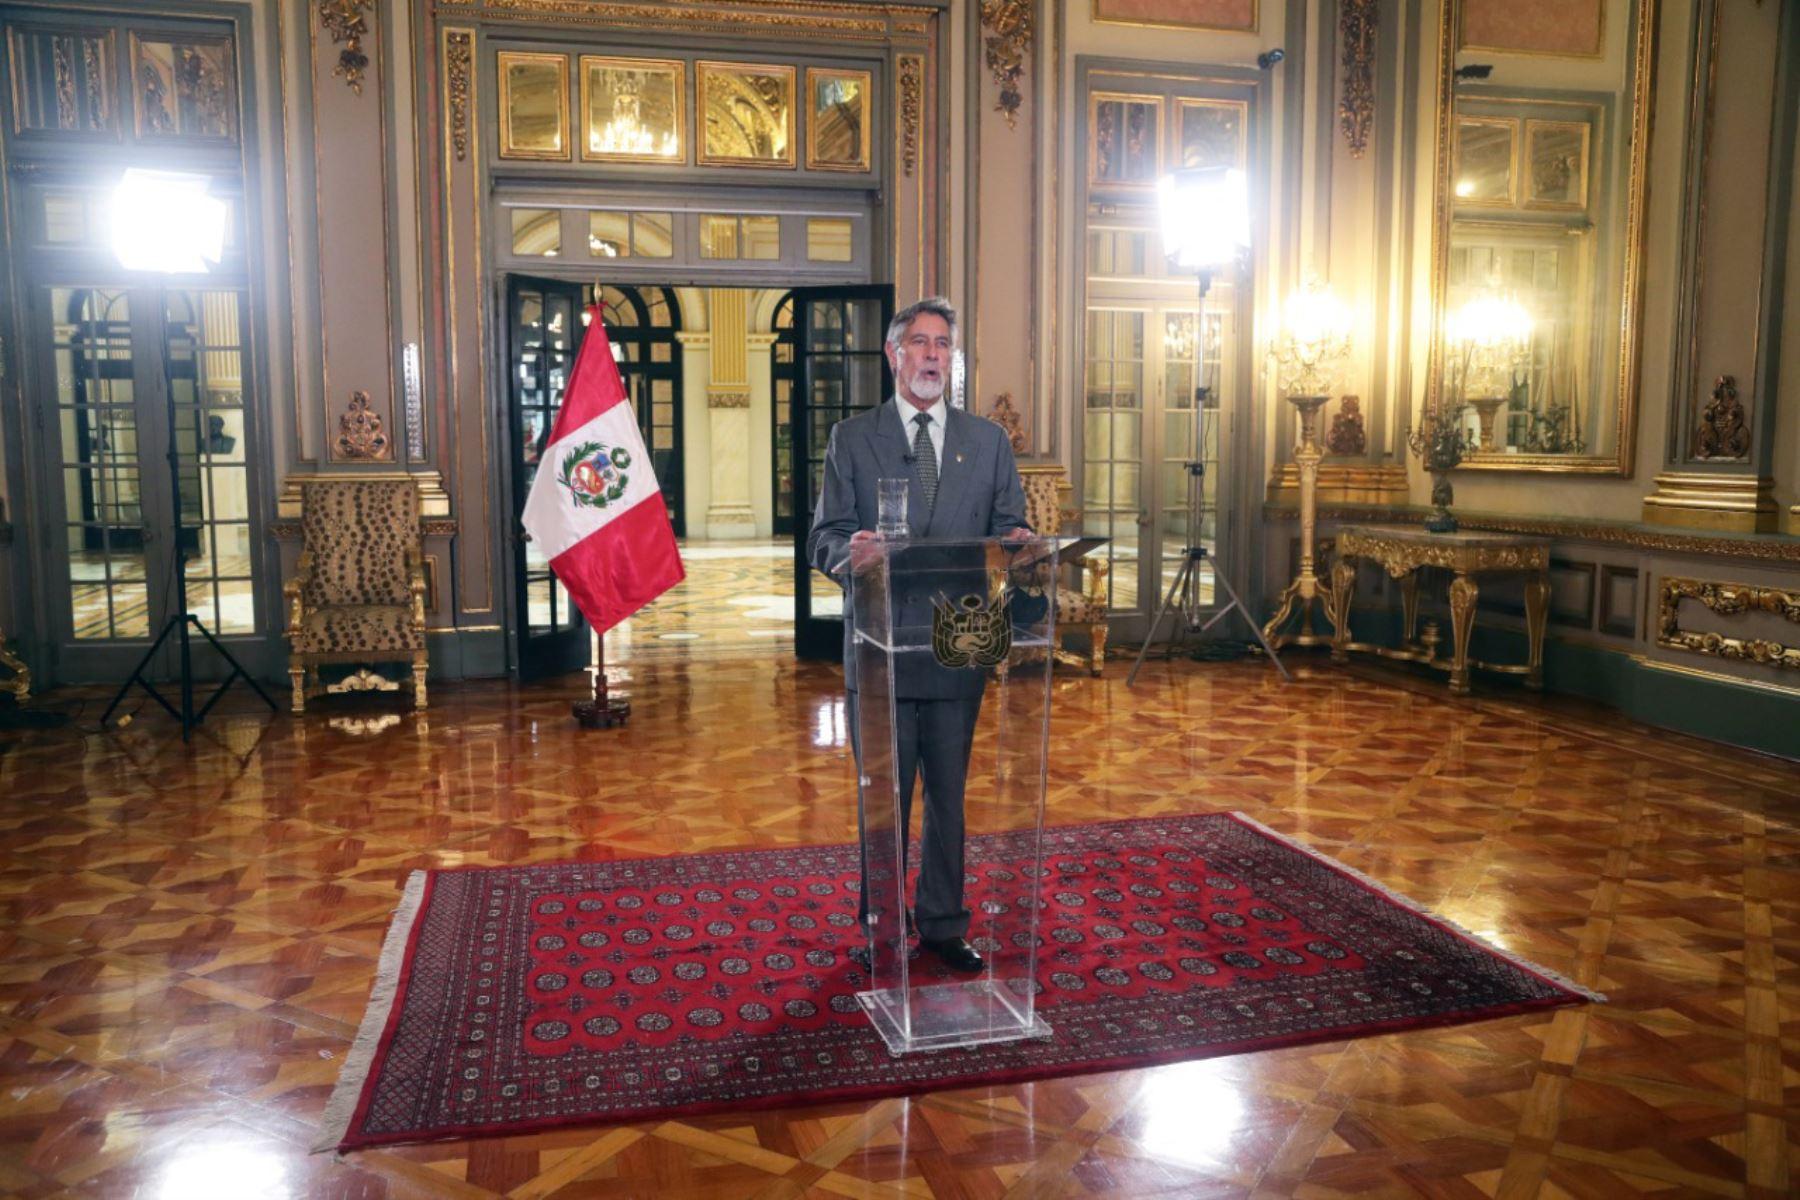 El Presidente de la República , Francisco Sagasti , participa en la Conferencia Anual de Ejecutivos CADE, espacio de reflexión y propuestas sobre temas prioritarios de la agenda nacional. Foto: ANDINA/Prensa Presidencia